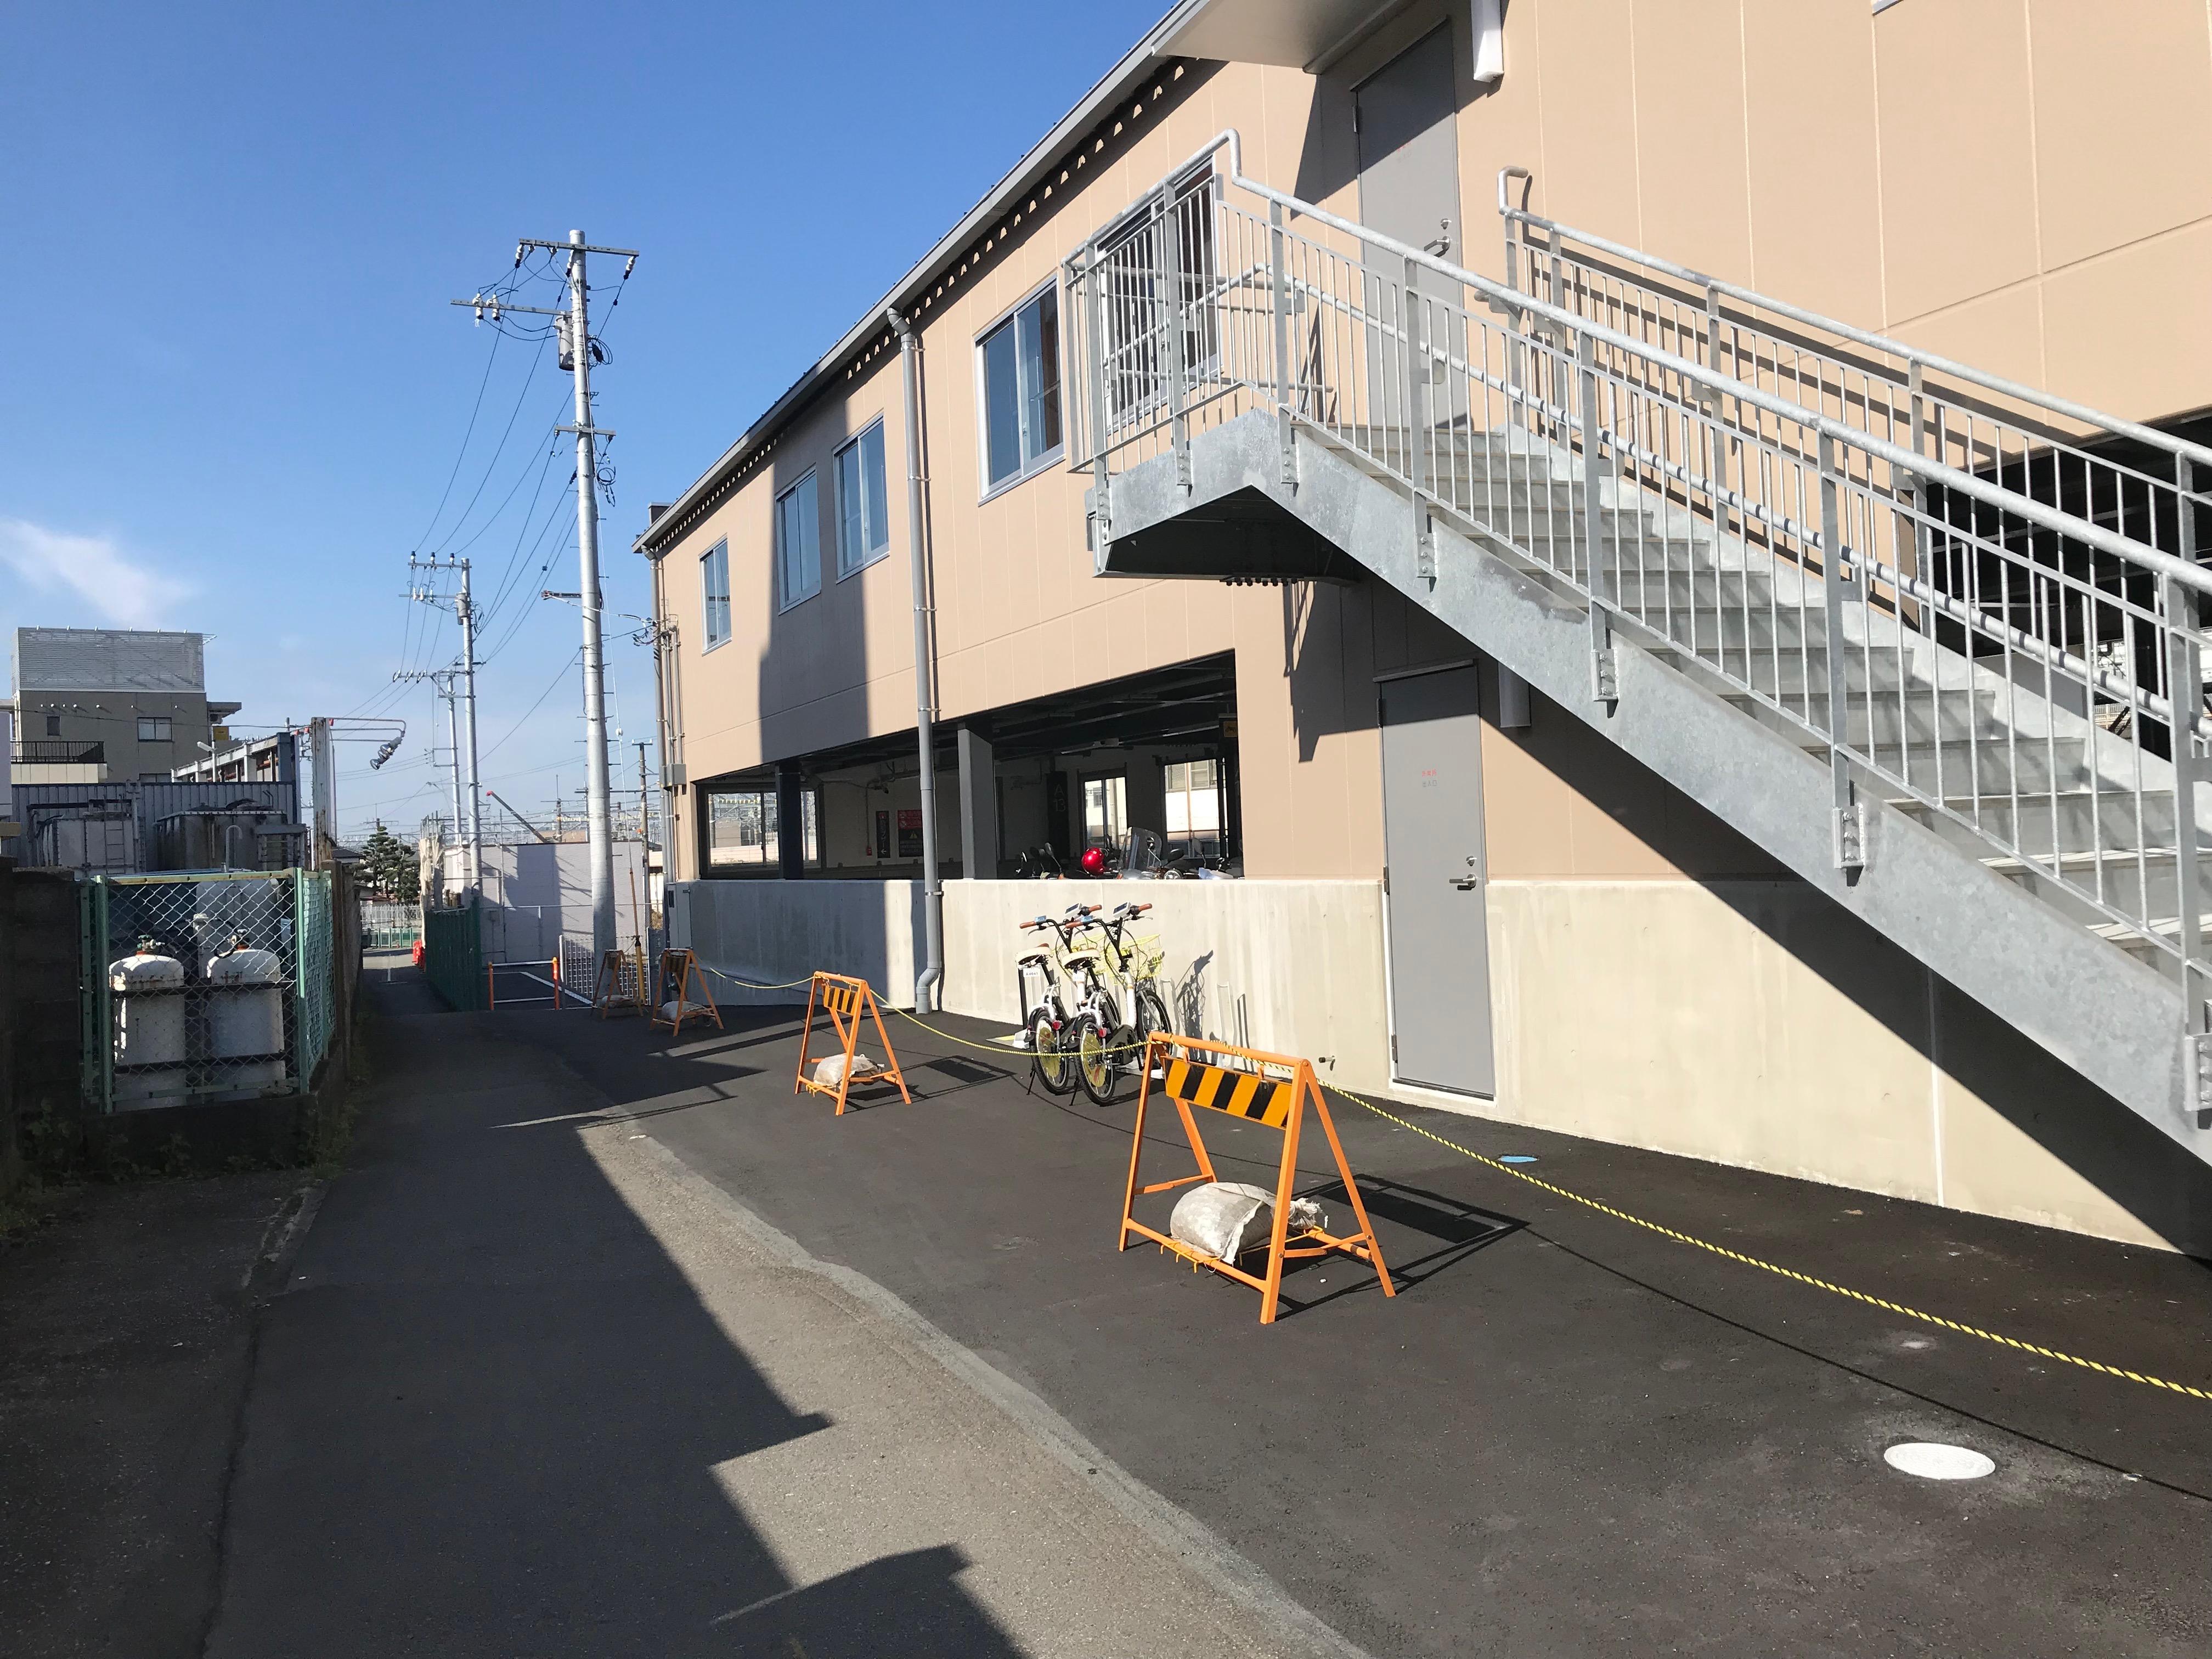 三島駅南口自転車等駐車場 南側 (HELLO CYCLING ポート) image